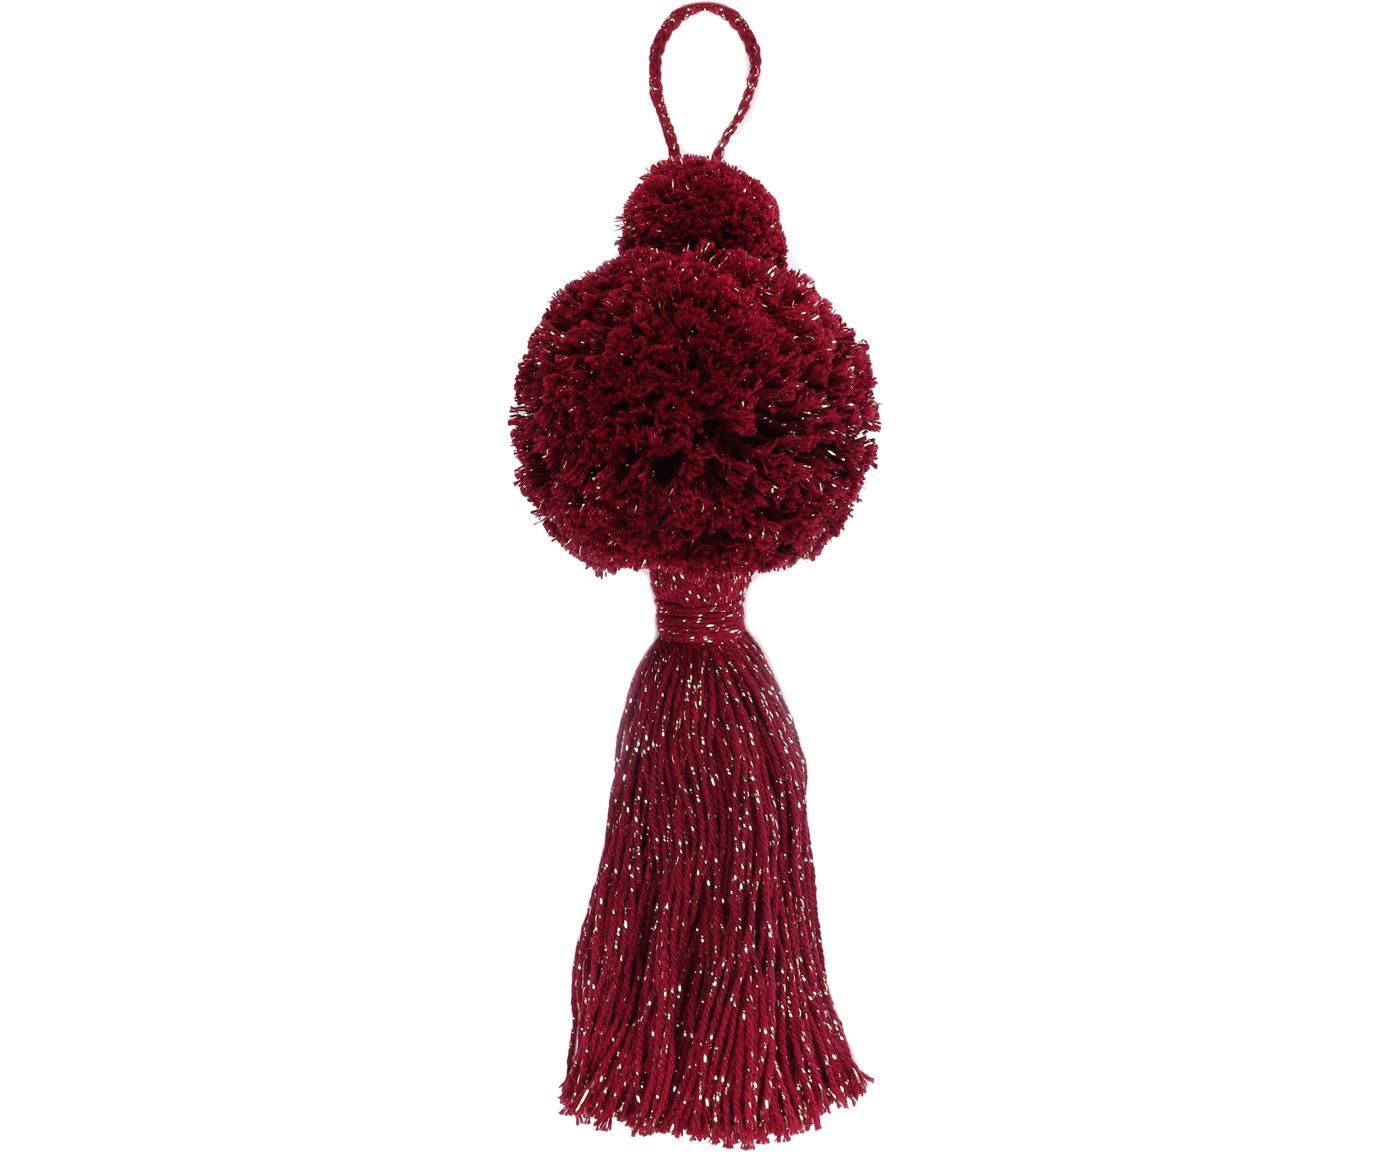 Adornos navideños Pompon, 2uds., Algodón con hilo de lurex, Color vino, dorado, Ø 8 x Al 37 cm